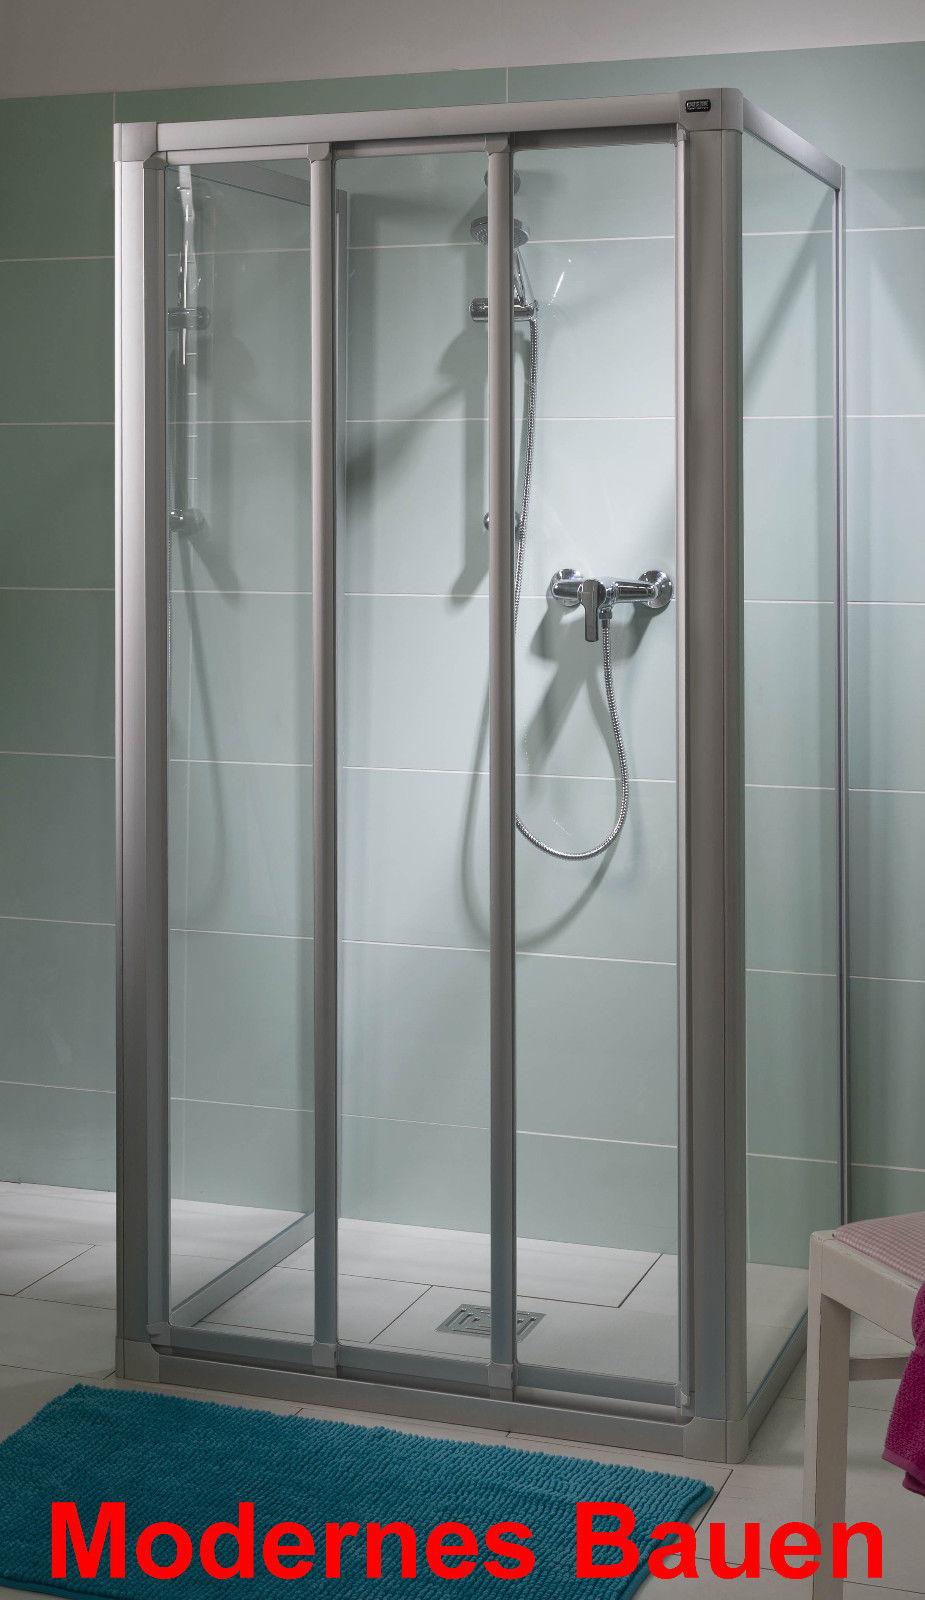 Full Size of Breuer Duschen U Kabine Mehr Als 50 Angebote Begehbare Kaufen Sprinz Moderne Hsk Bodengleiche Schulte Hüppe Werksverkauf Dusche Breuer Duschen